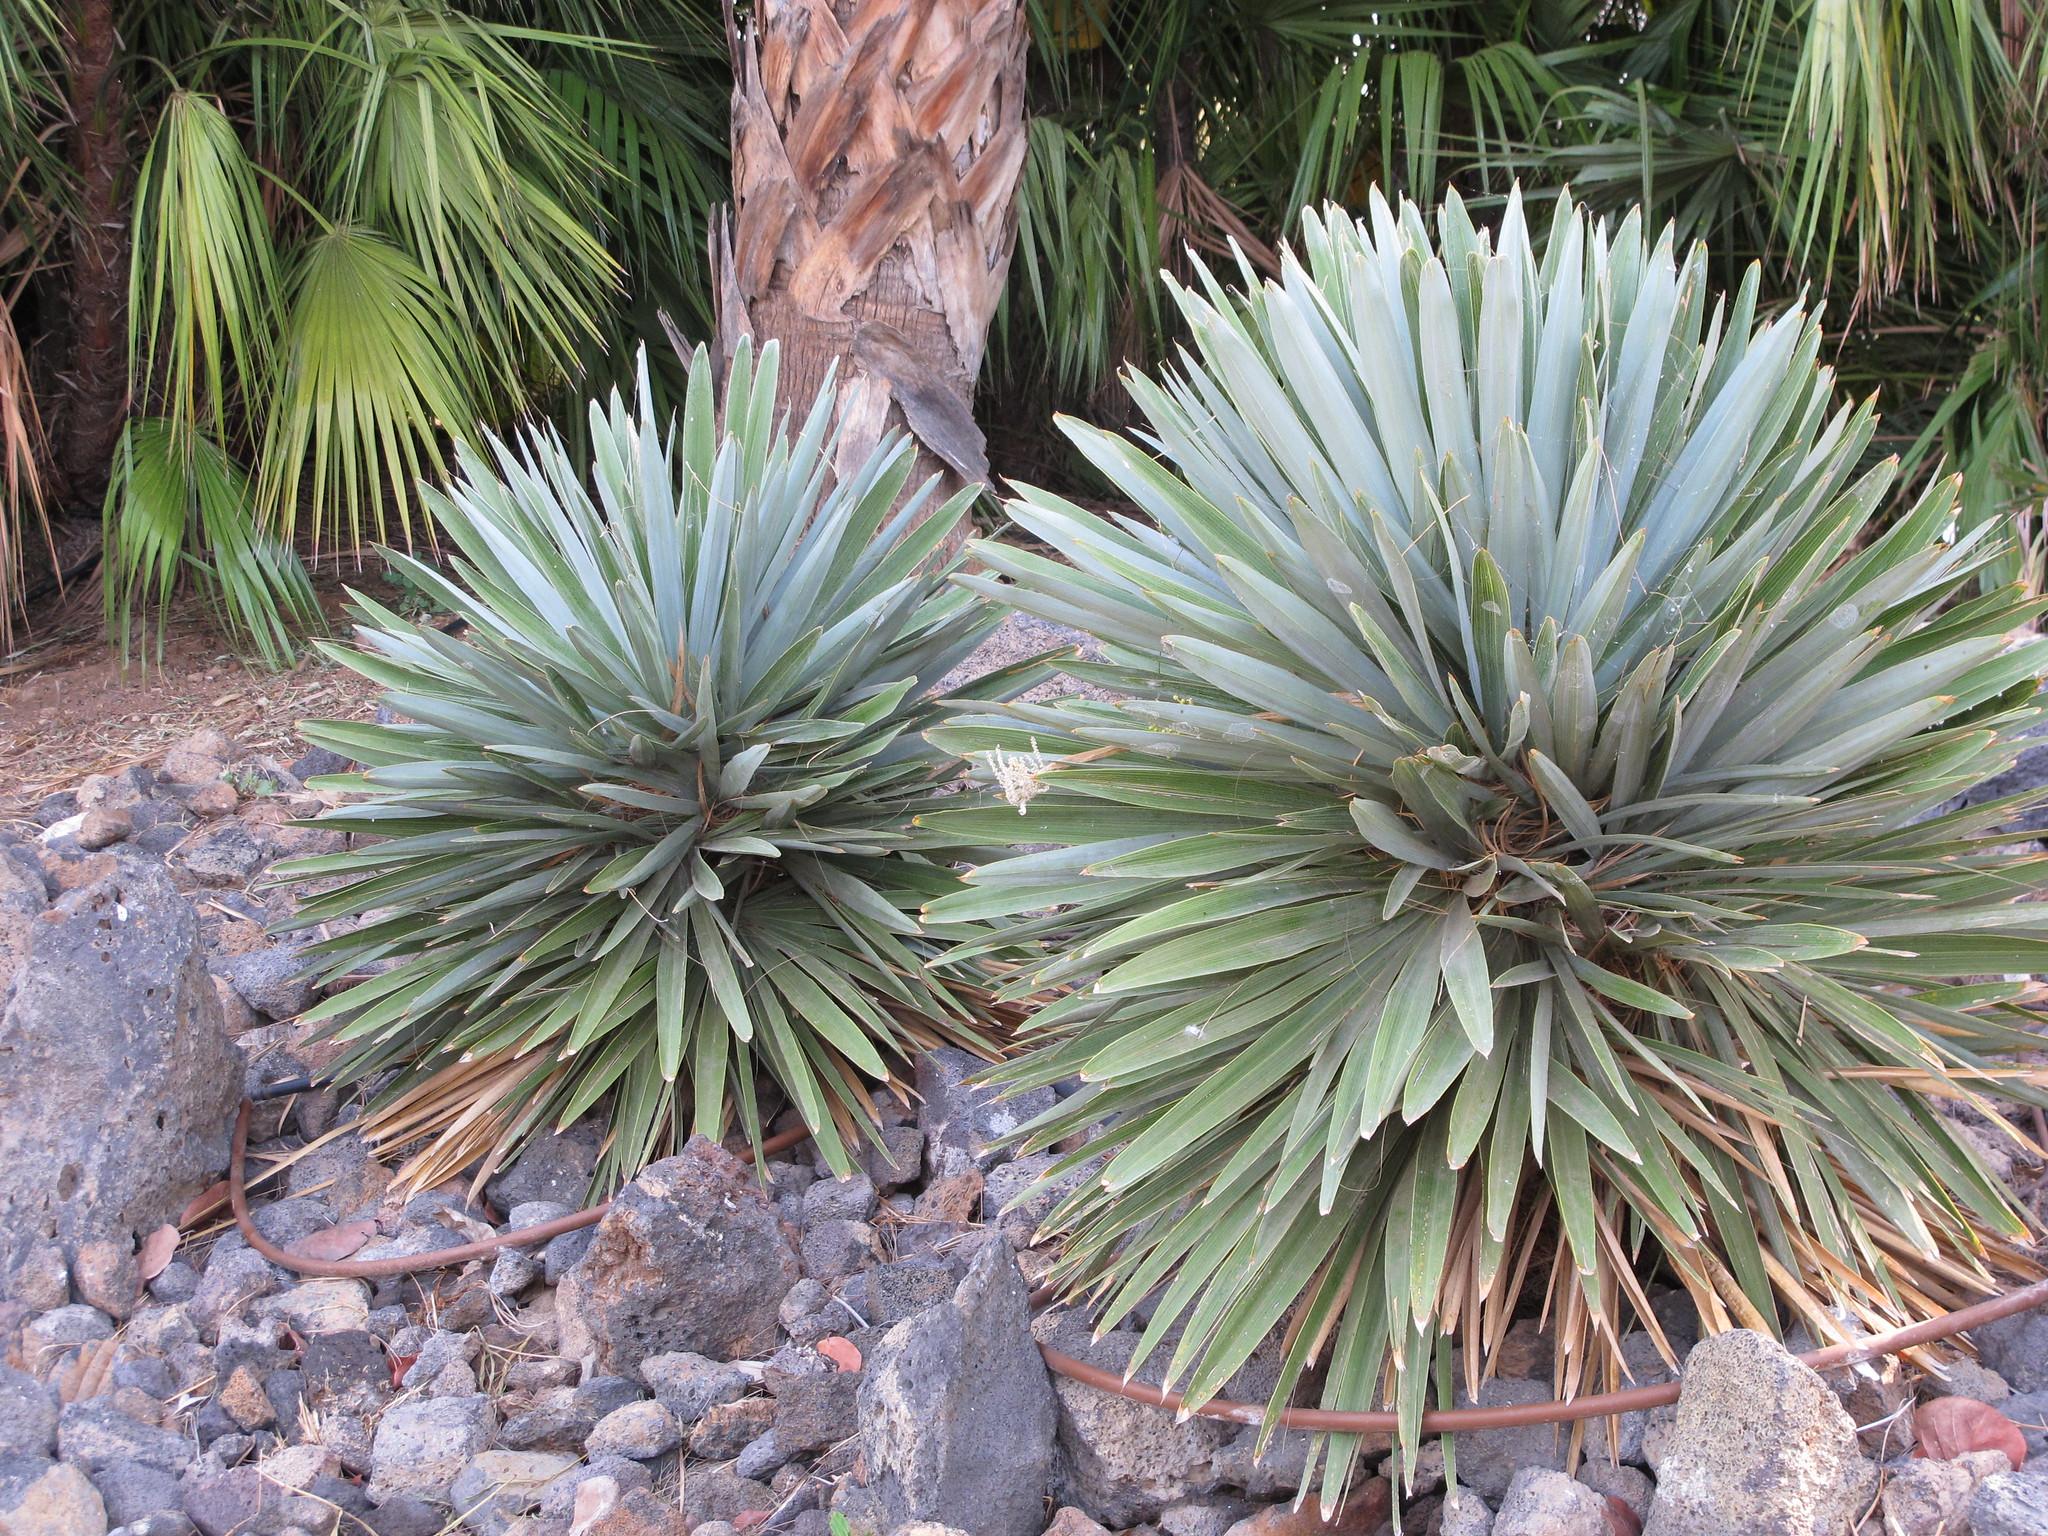 Vista de plantas del Palmetum